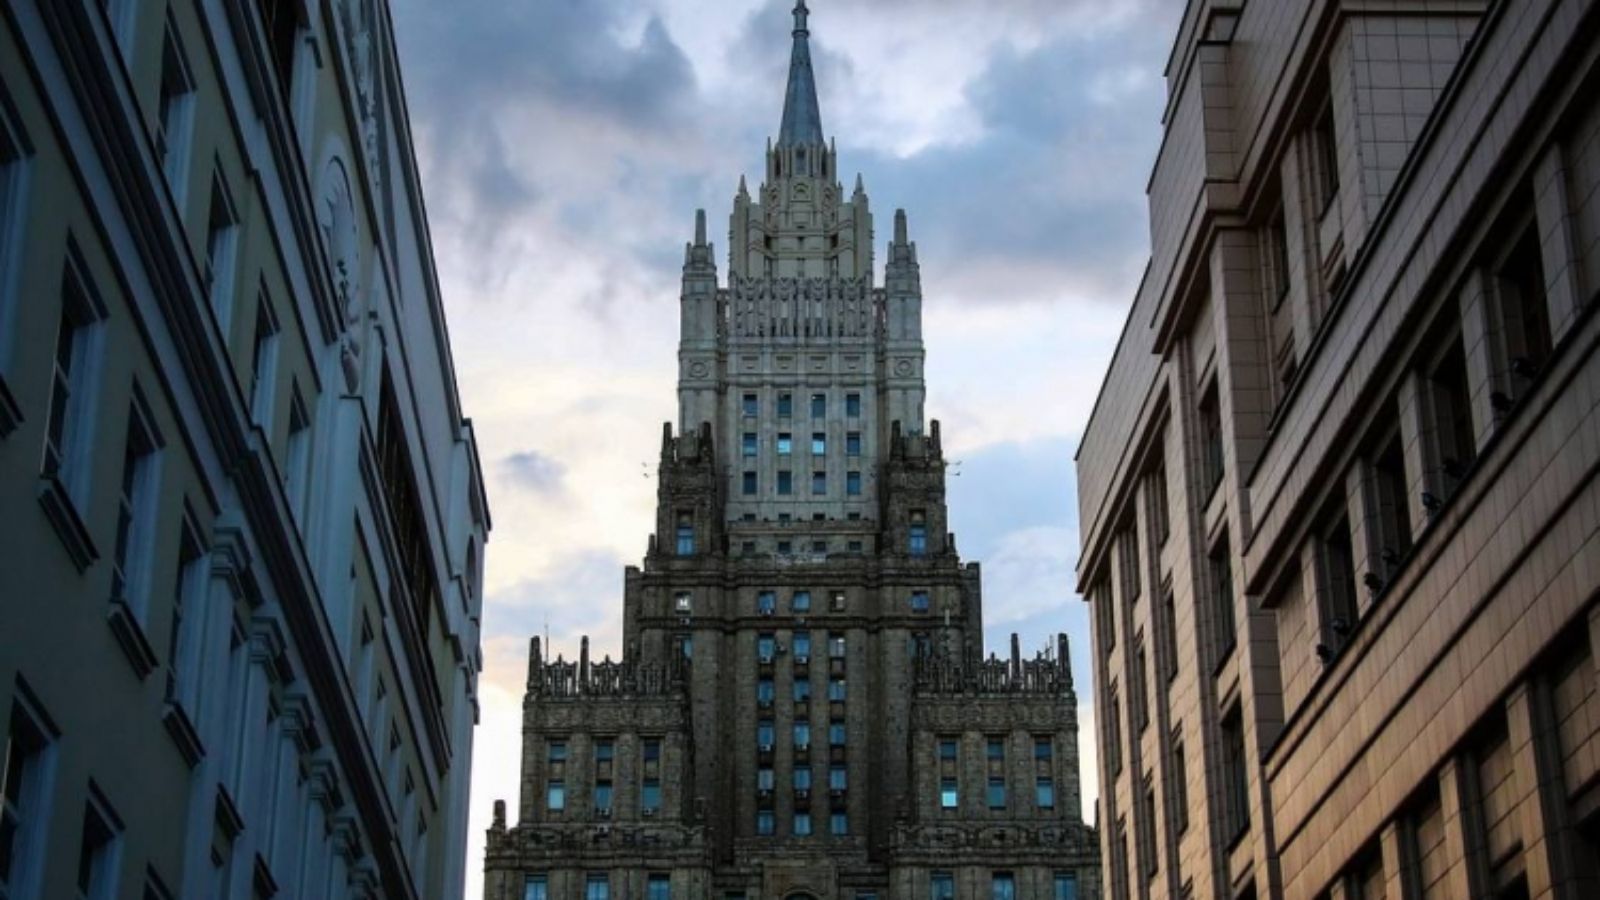 Nga sẽ phản ứng đáp trả các trừng phạt của EU và Mỹ